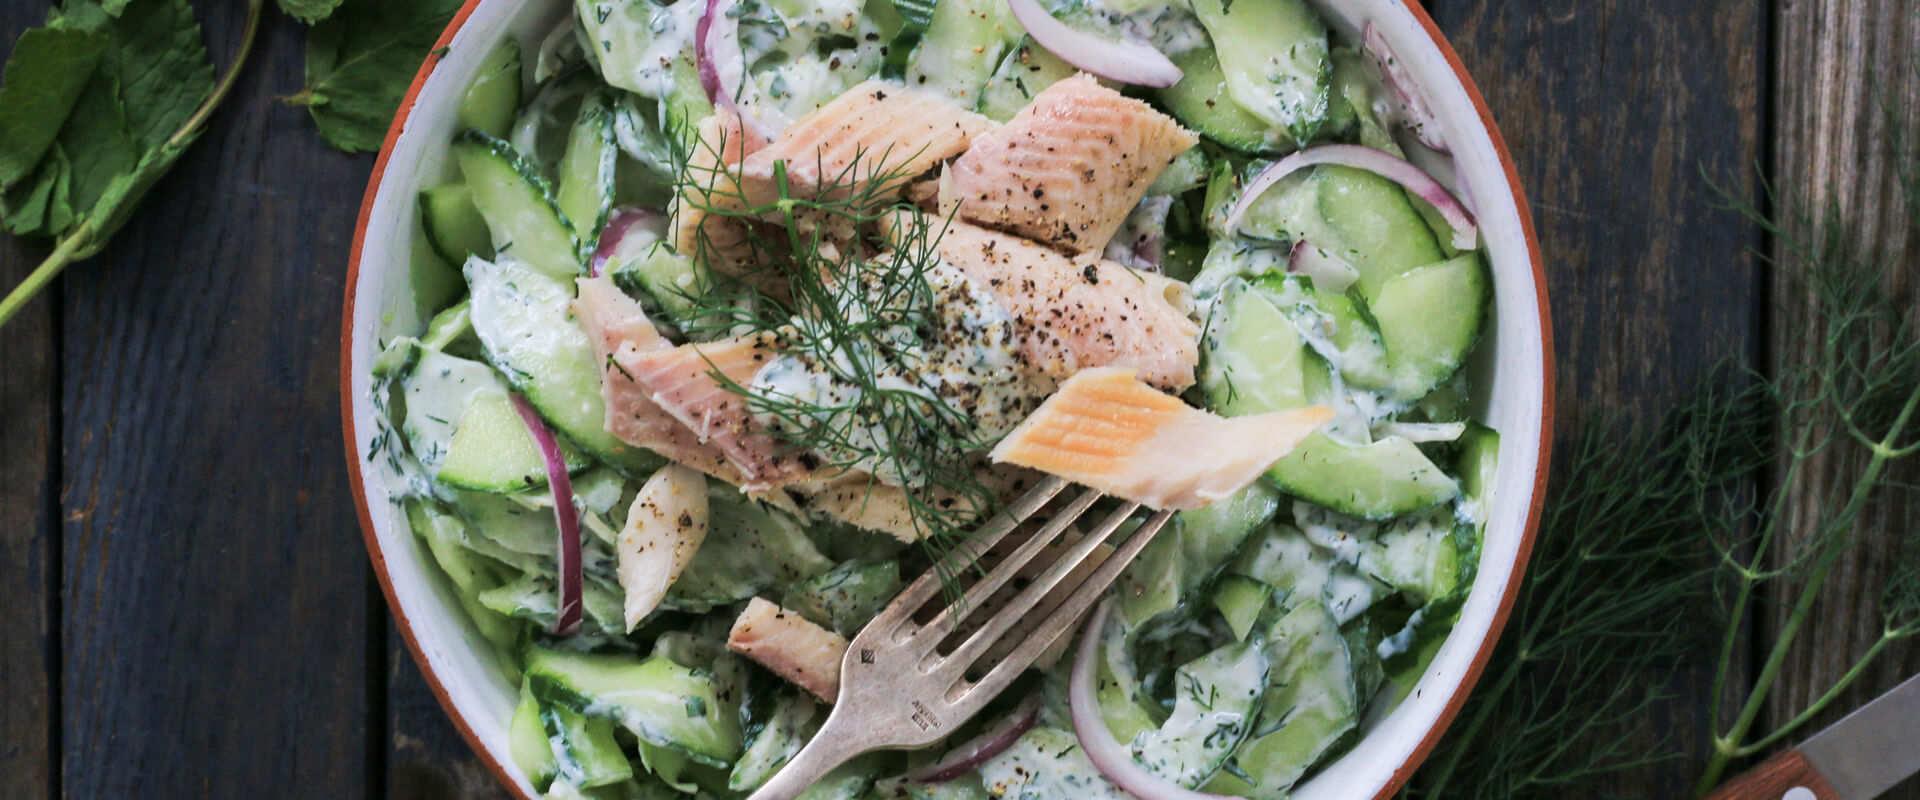 Einfach gemacht und lecker - Cremiger Gurkensalat mit Forellenfilet